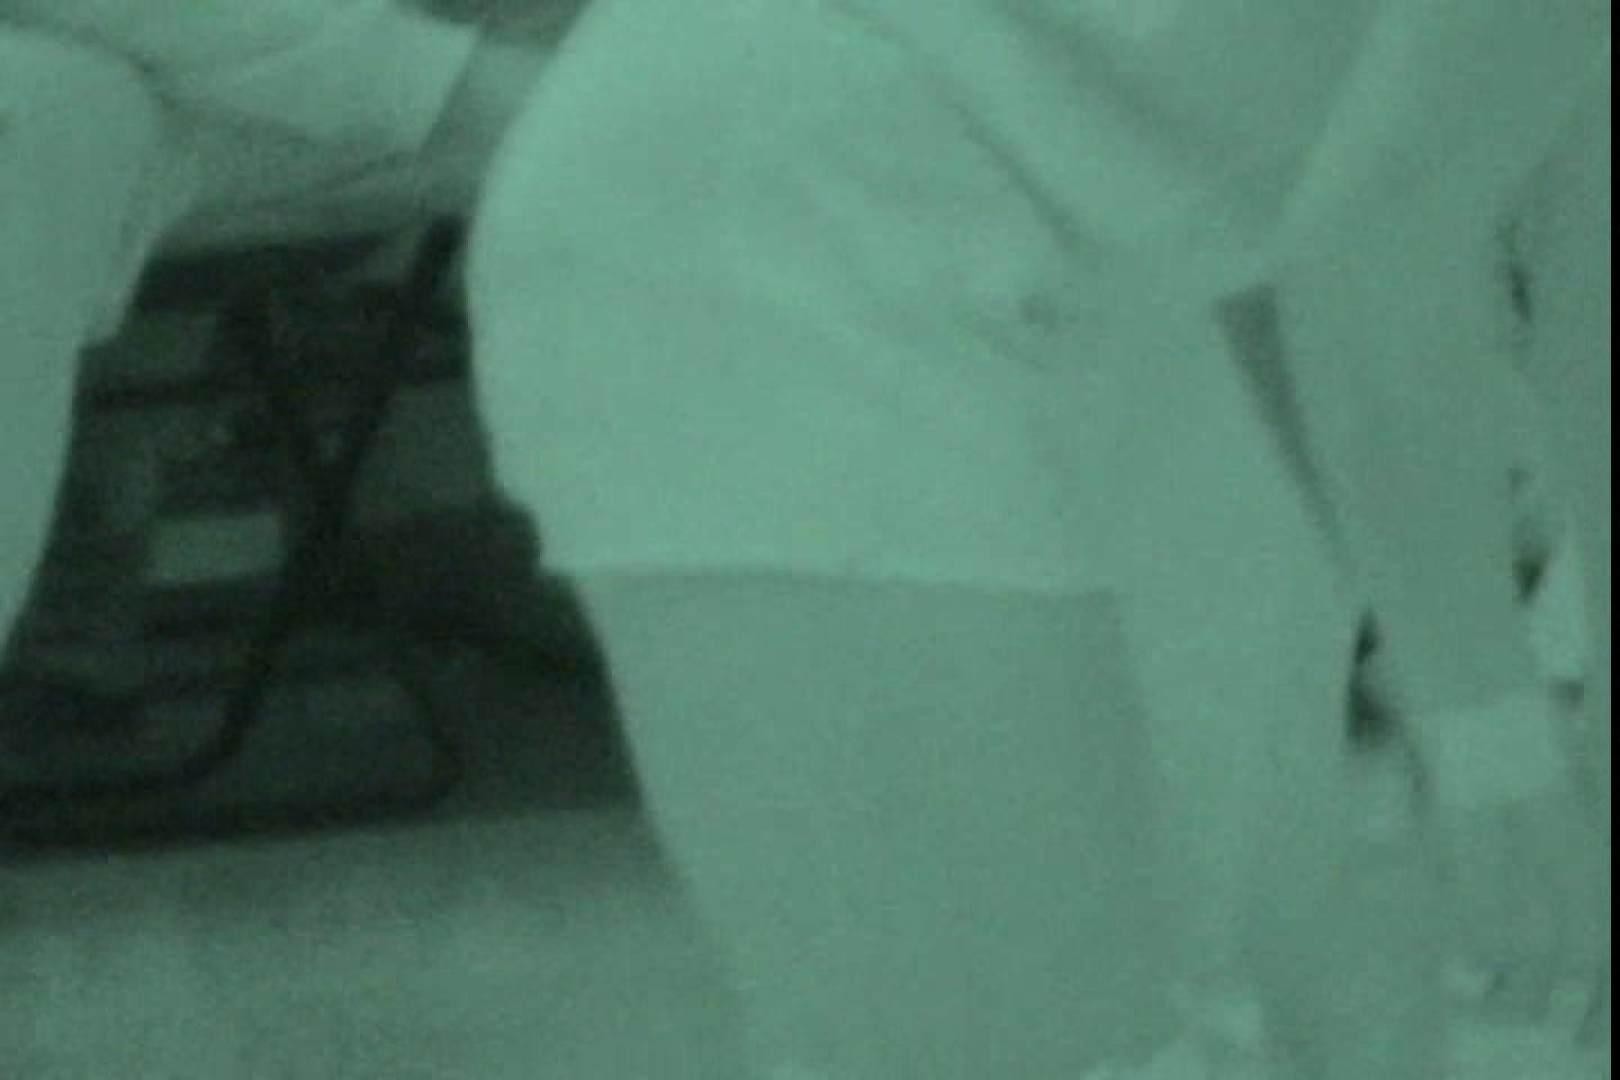 赤外線ムレスケバレー(汗) vol.04 赤外線 盗撮AV動画キャプチャ 82PICs 20